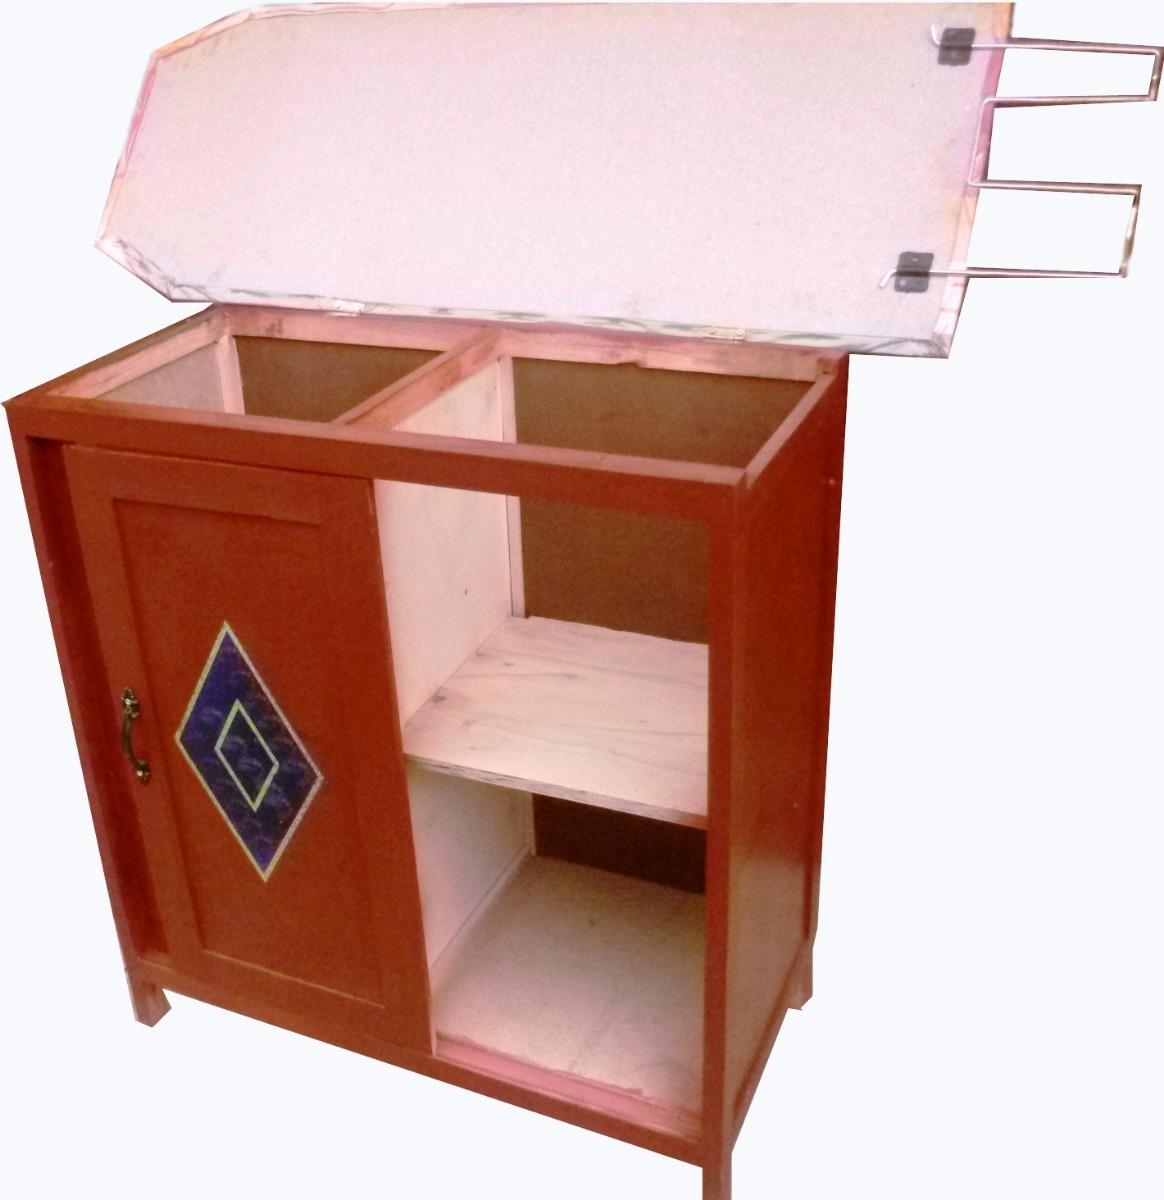 Multimesa mesa para planchar y guardar ropa en for Mueble para planchar ikea